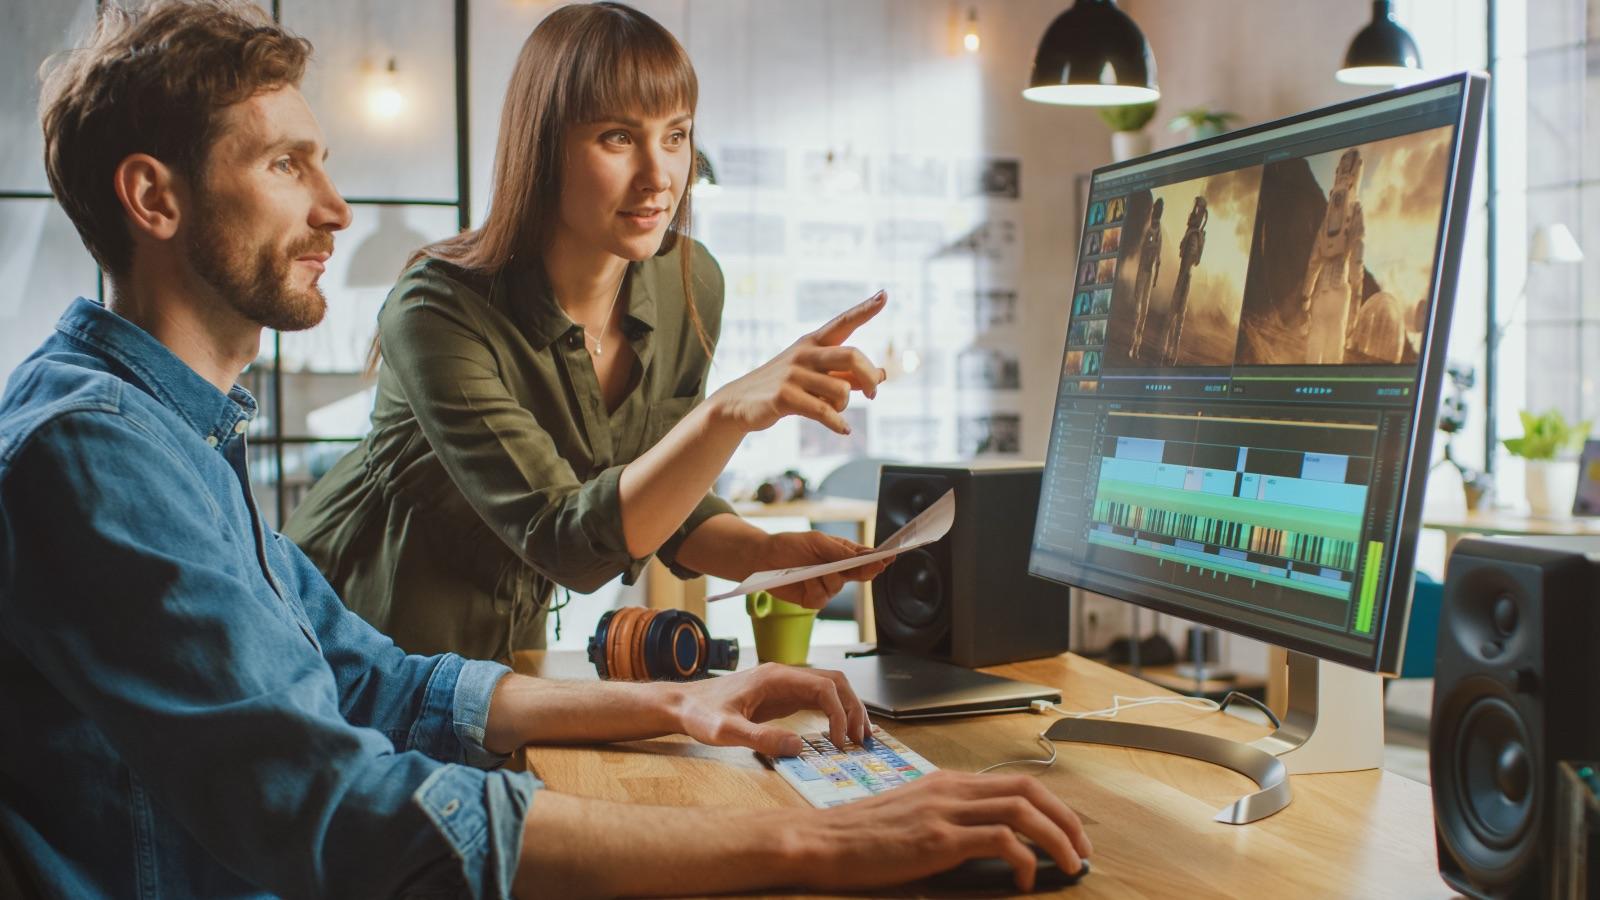 O que e e como planejar a estrutura narrativa de um video - O que é e como planejar a estrutura narrativa de um vídeo?